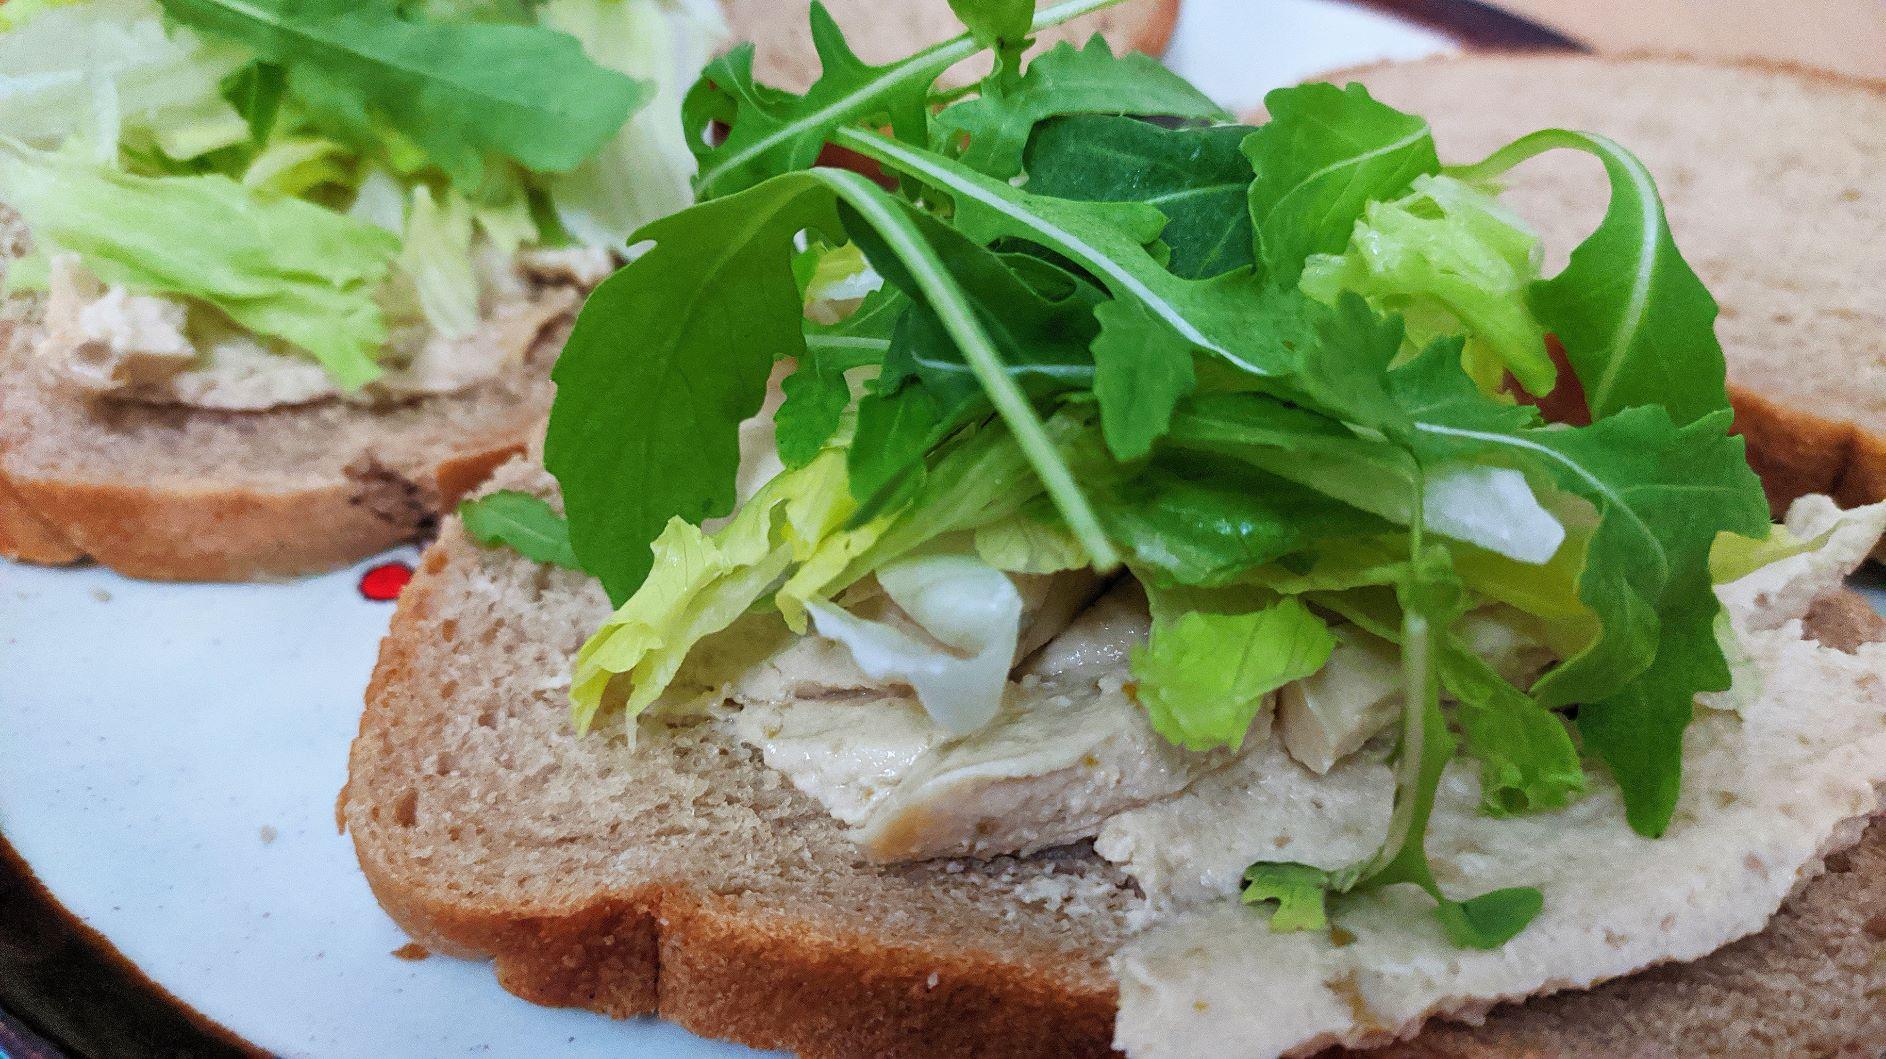 Biljna pašteta od maslina i soje s rukolom i iceberg salatom